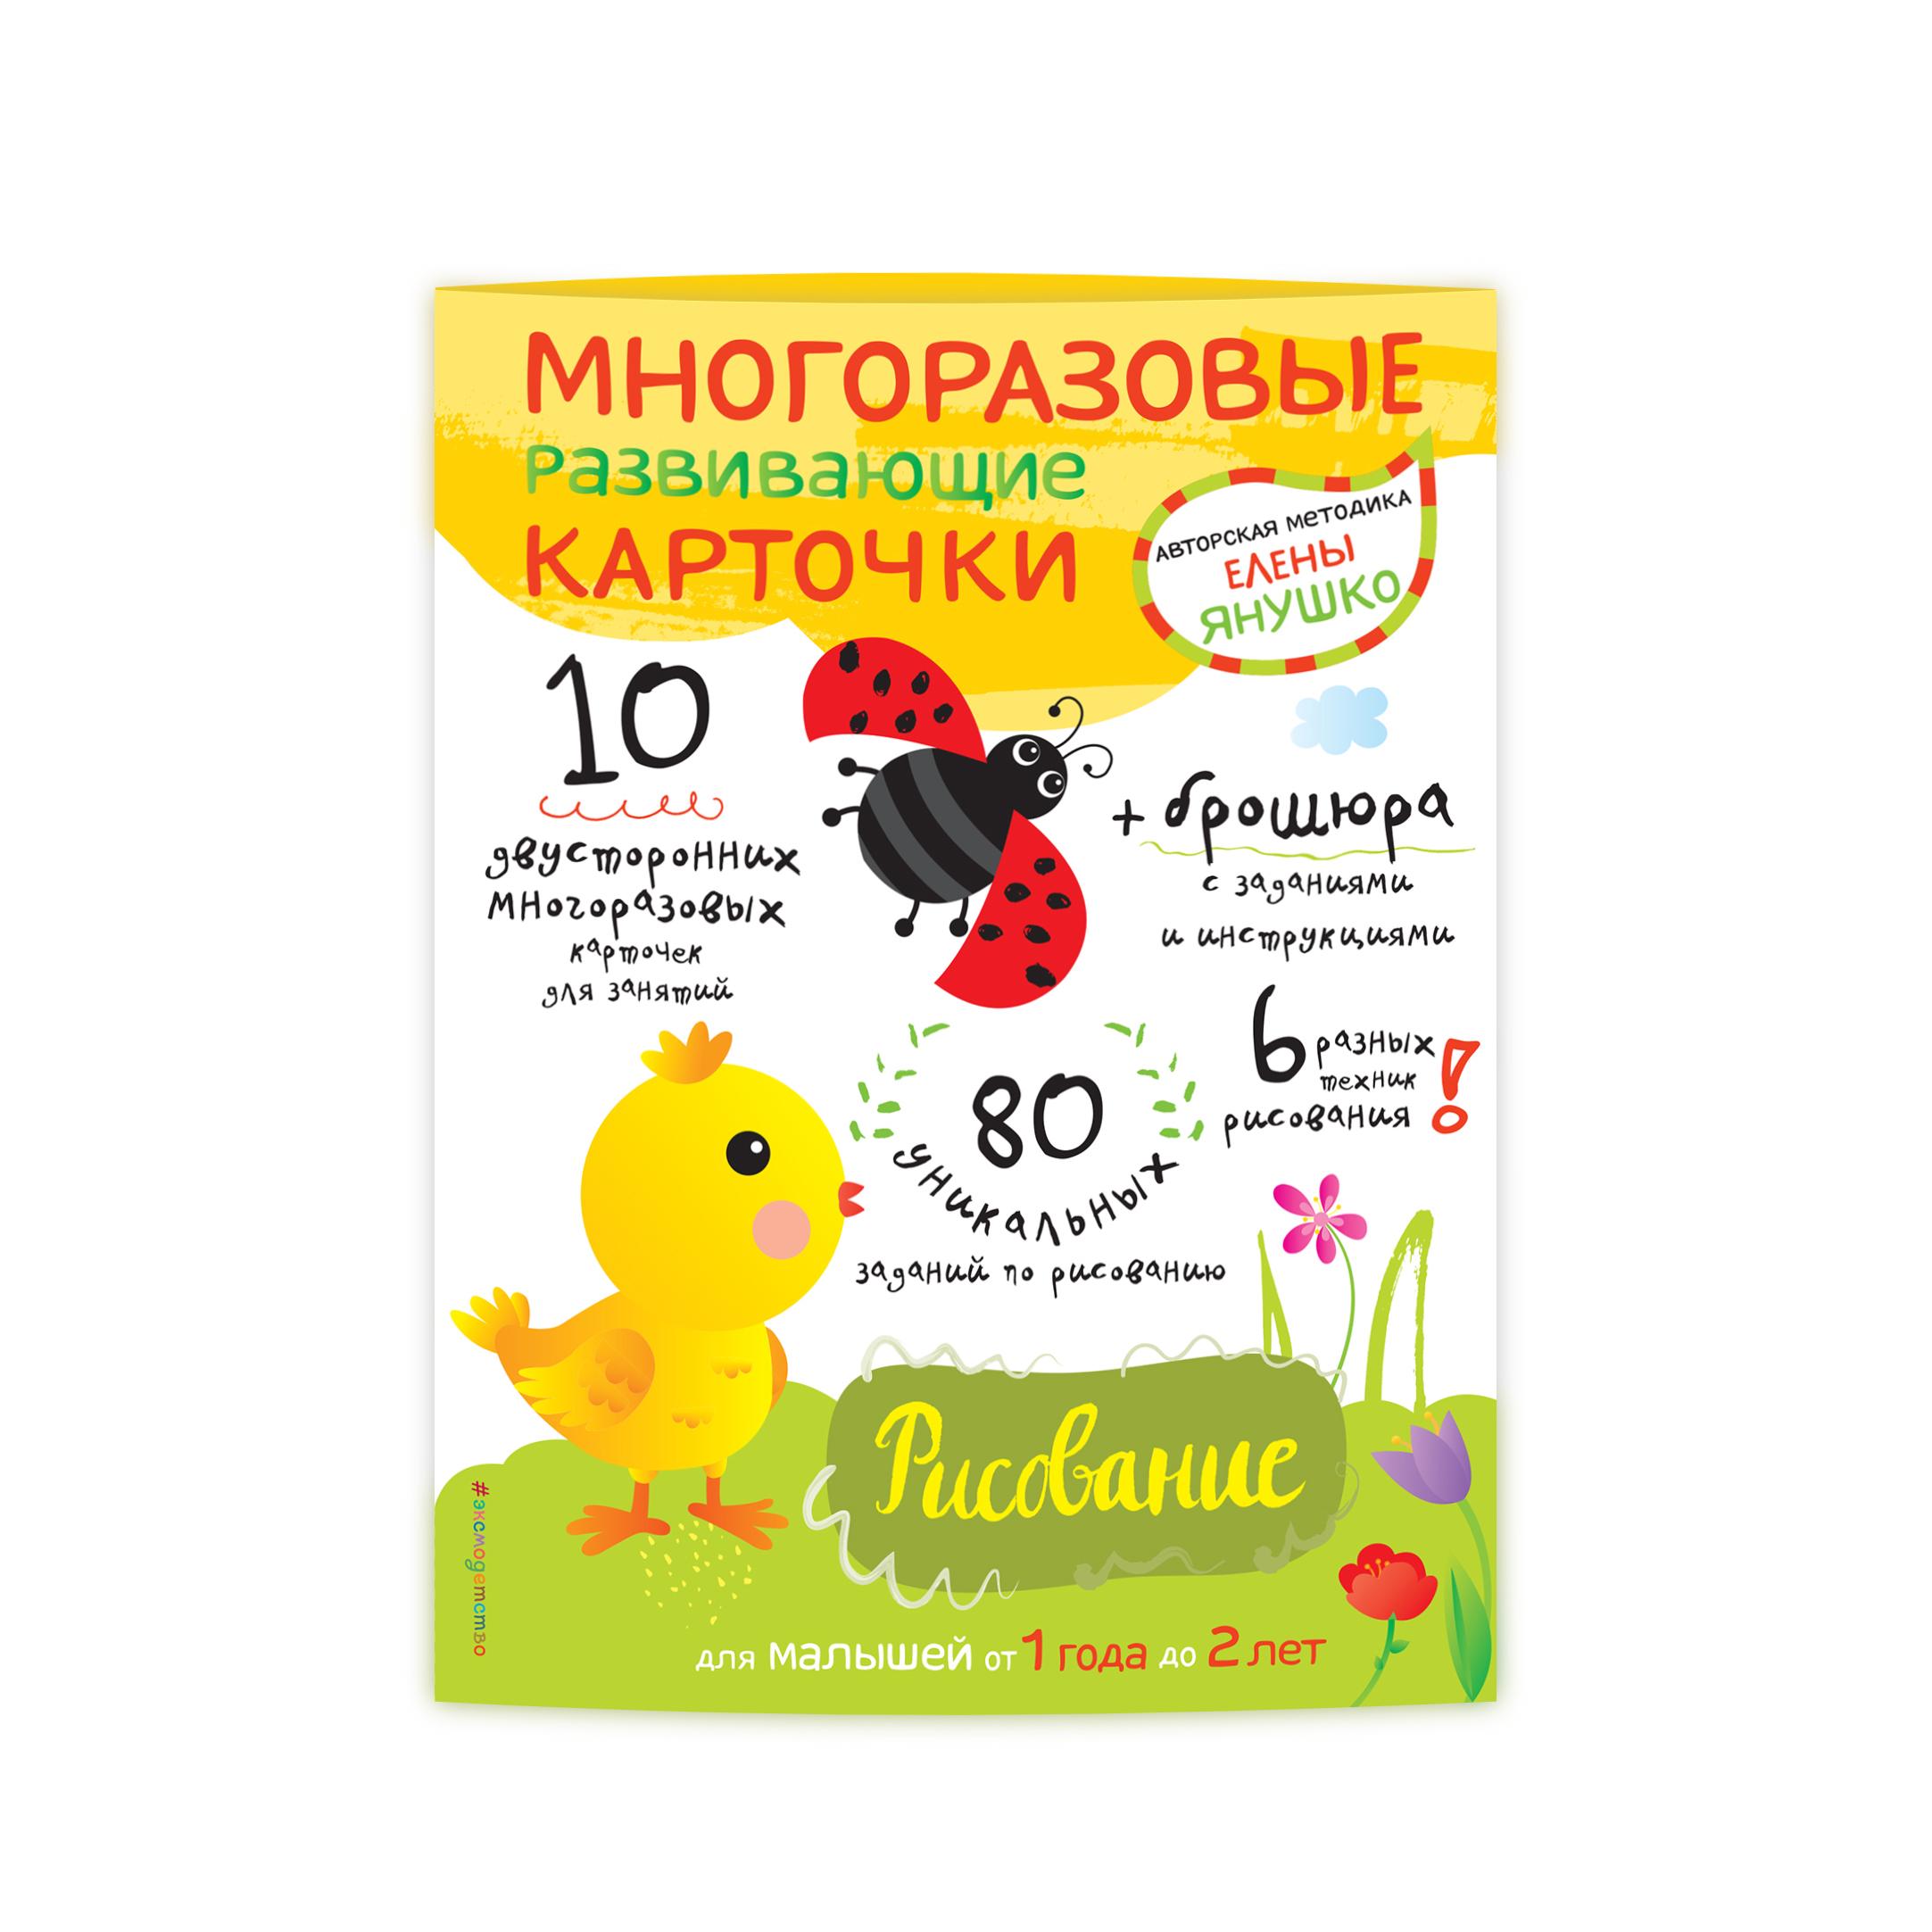 Янушко Е.А. 1+ Рисование для малышей от 1 года до 2 лет (+ многоразовые развивающие карточки)